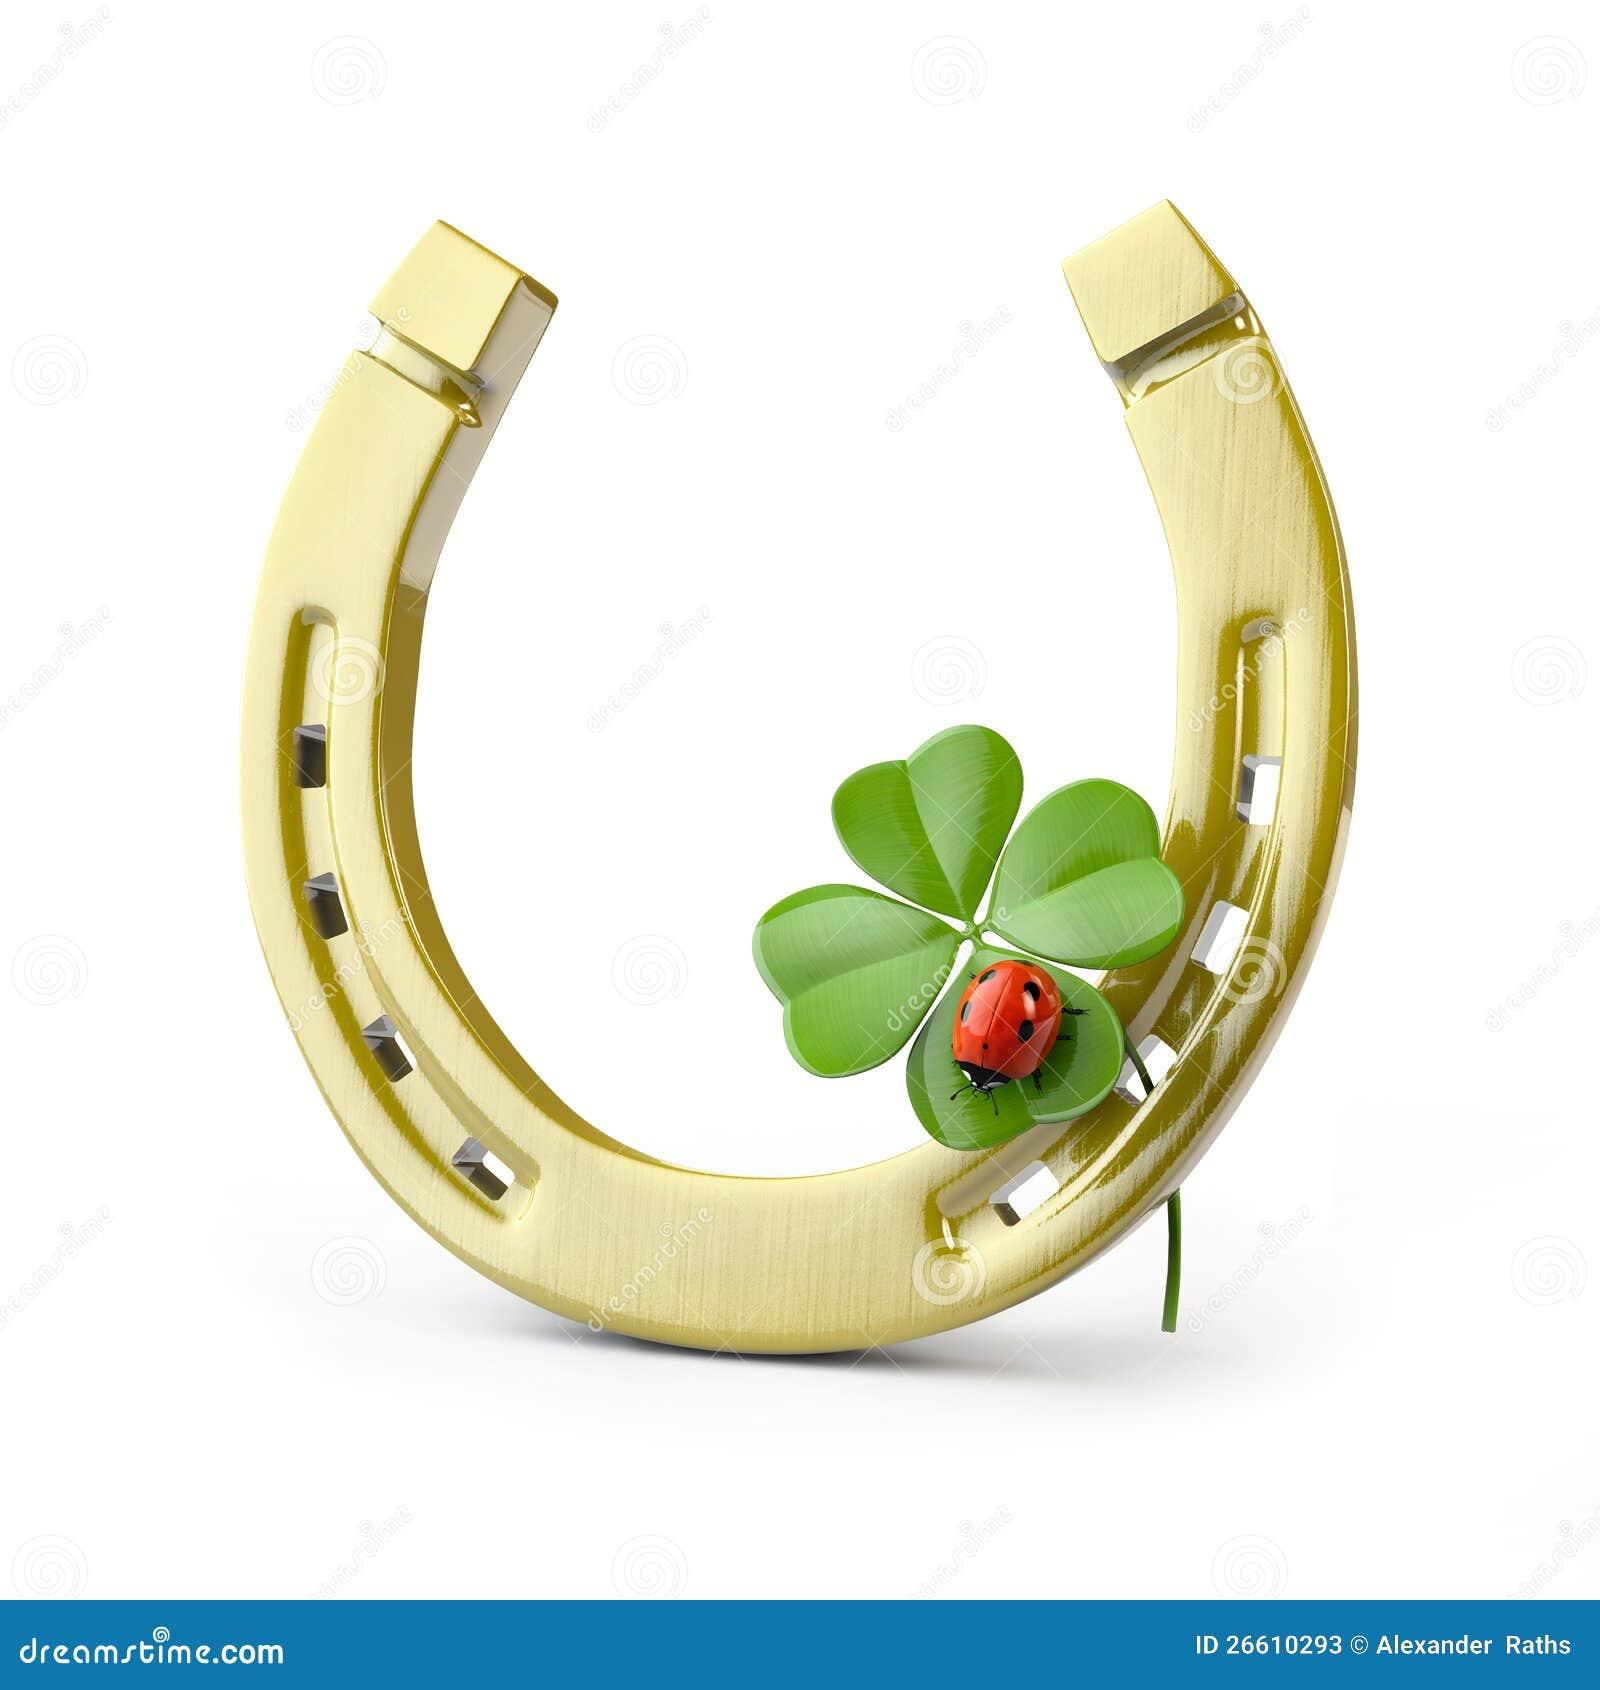 Irish Symbols For Luck